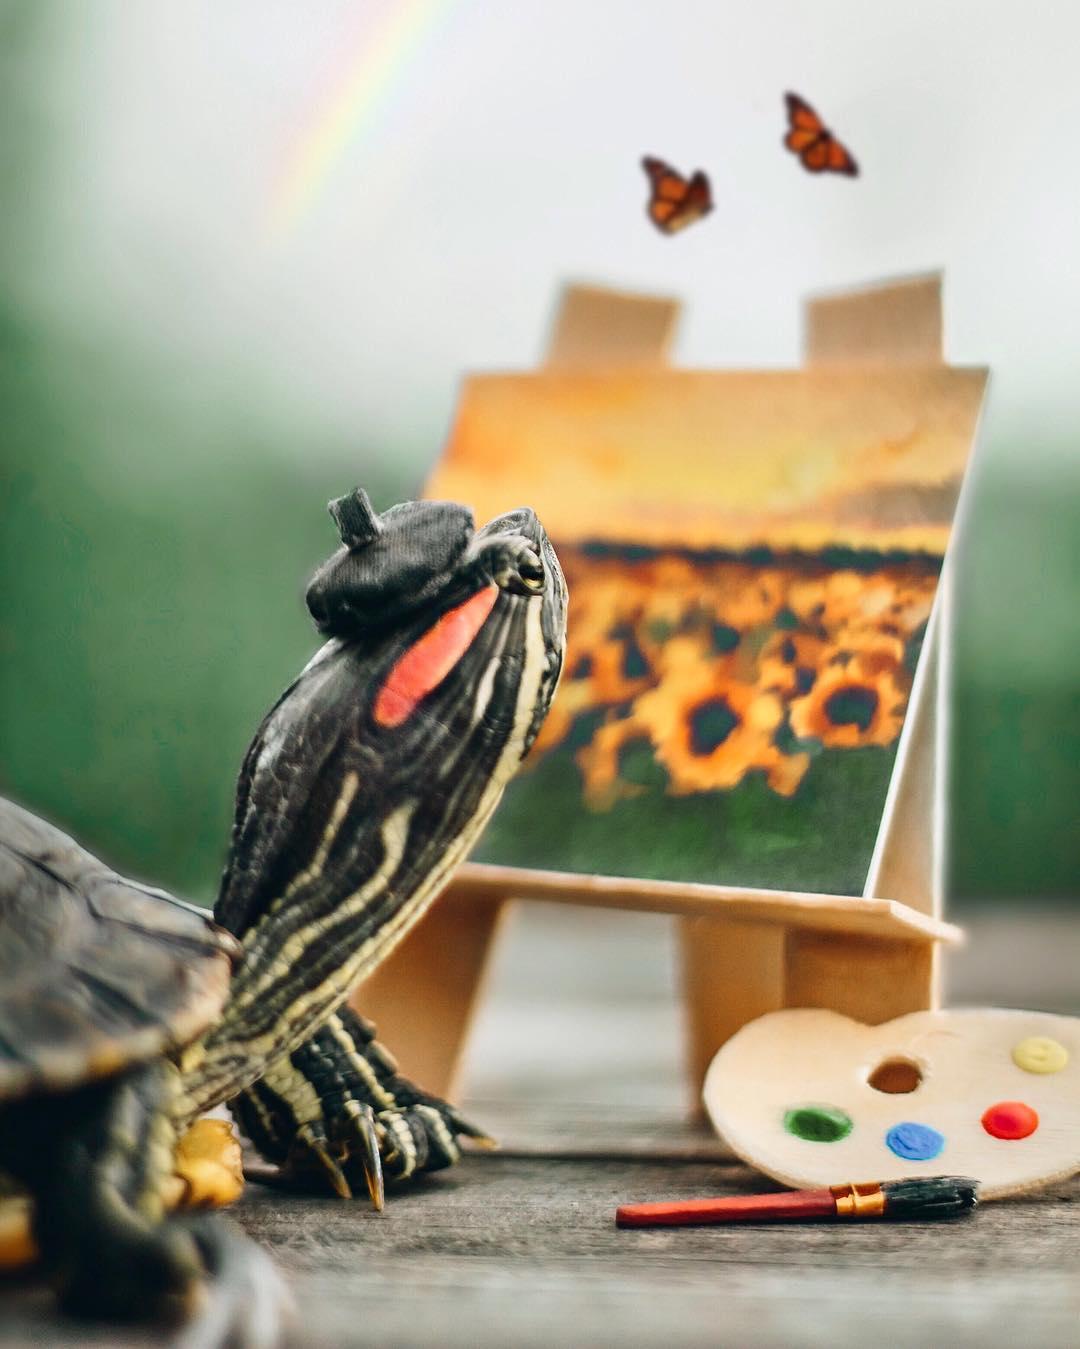 Приключения пары черепах на снимках в Instagram